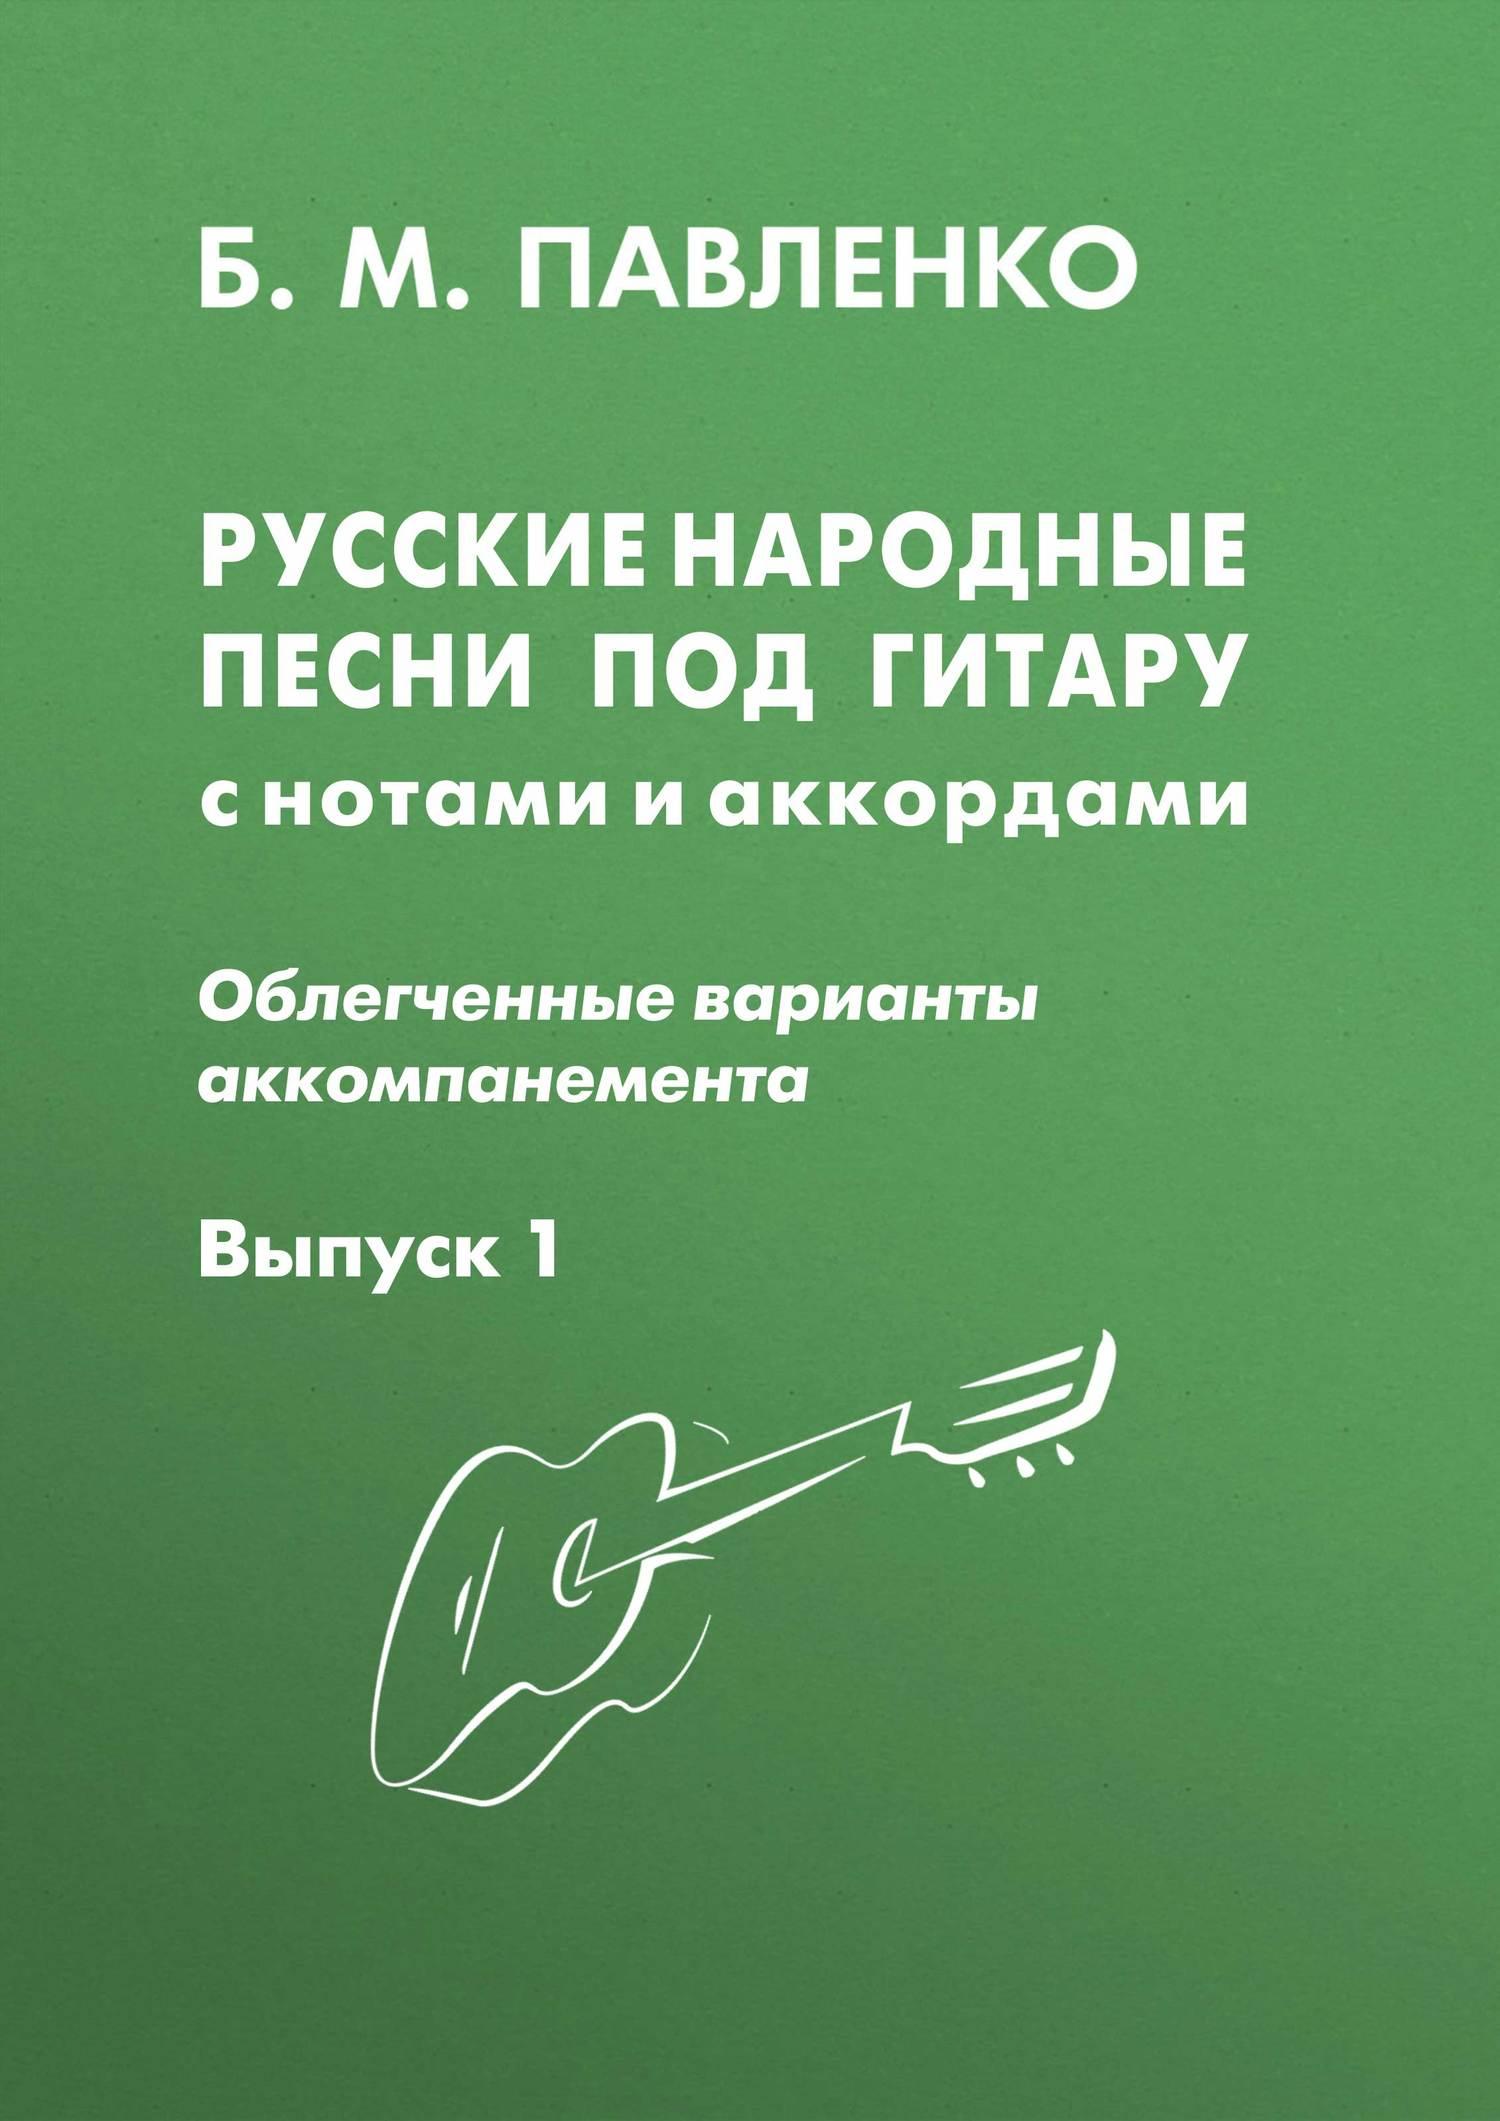 Б. М. Павленко Русские народные песни под гитару с нотами и аккордами (облегченные варианты аккомпанемента). Выпуск 1 б м павленко хиты под гитару выпуск 1